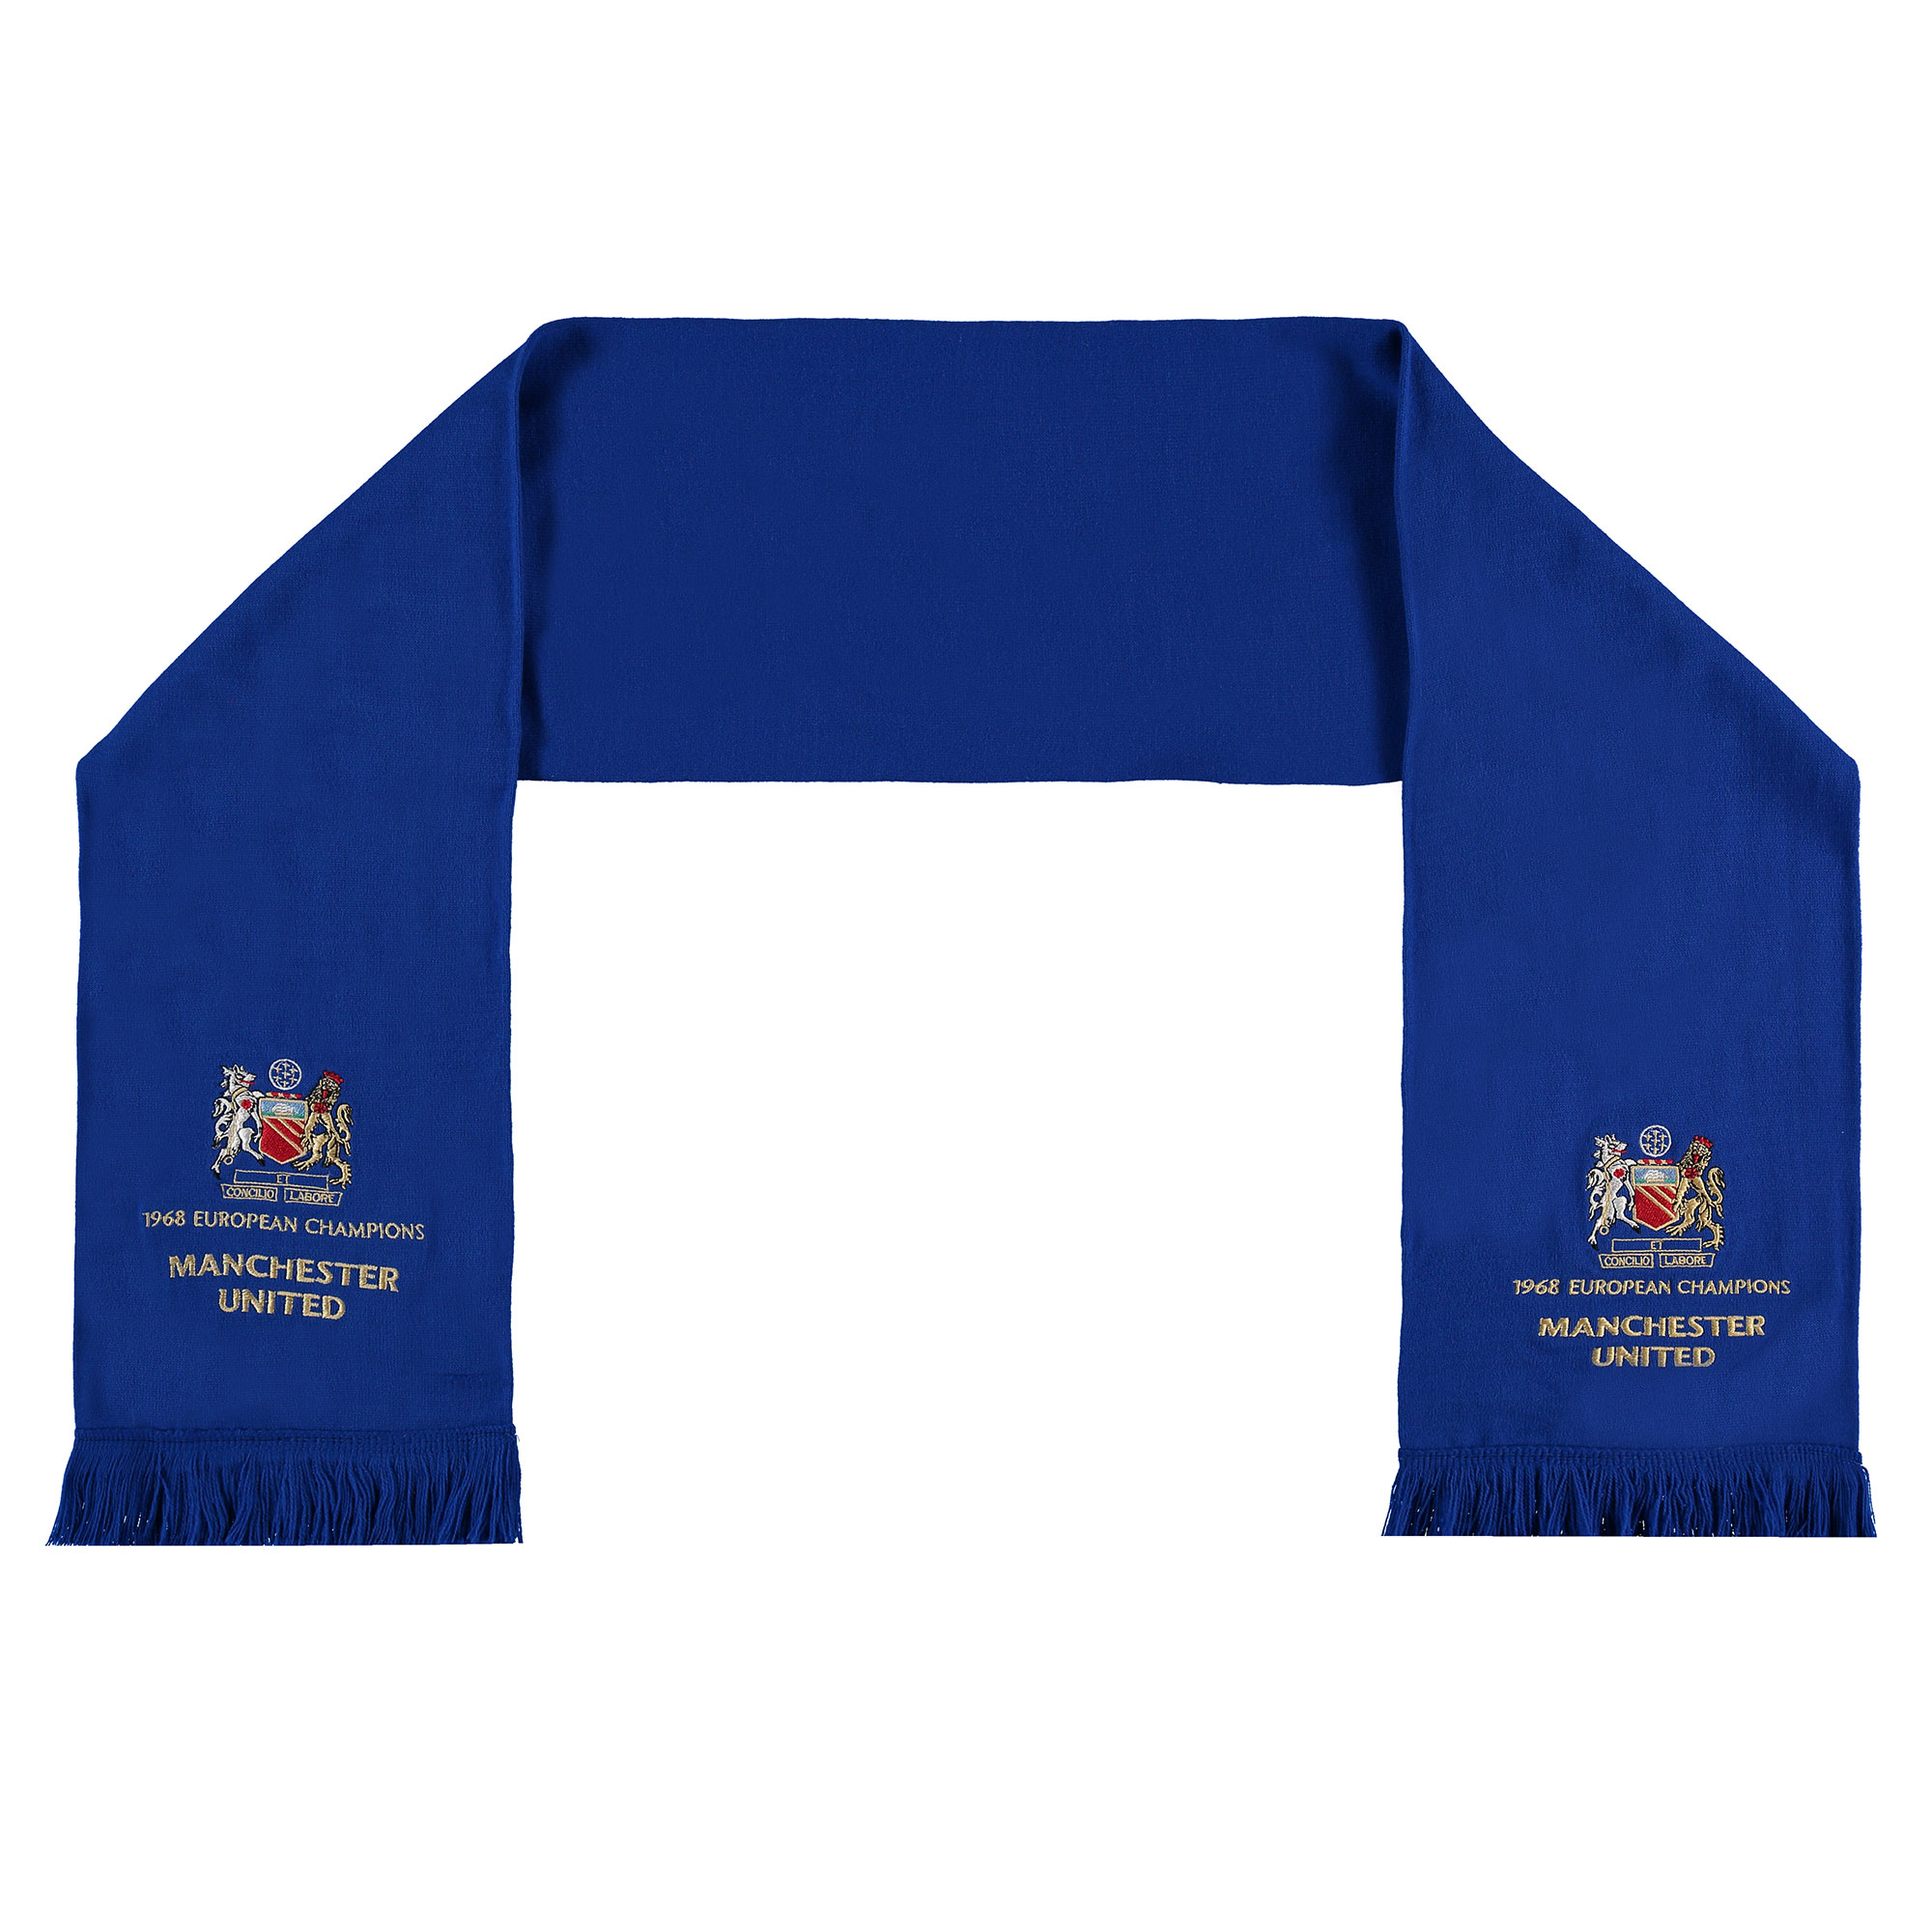 Écharpe 50e anniversaire Finale Coupe d'Europe 1968 Manchester United - Bleu royal